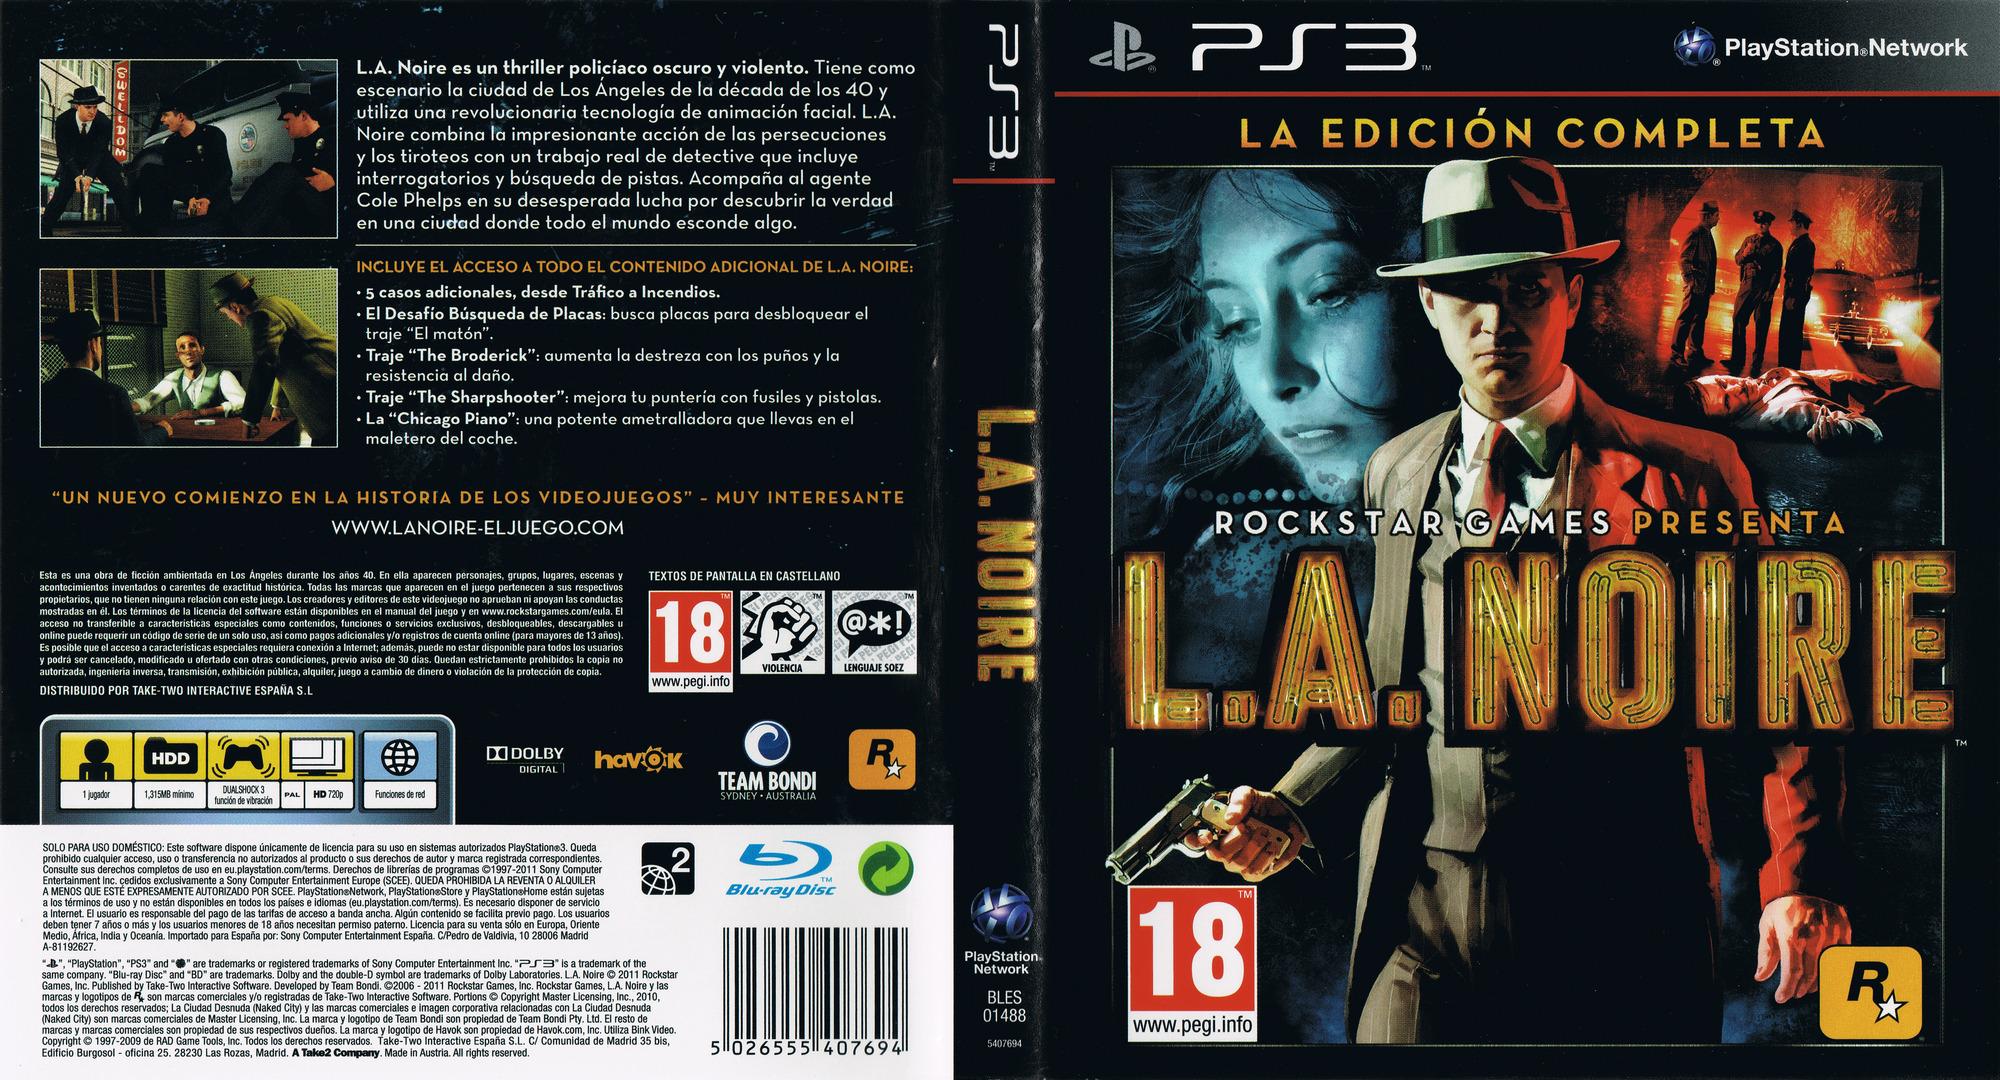 L.A. Noire: La Edición Completa PS3 coverfullHQ (BLES01488)